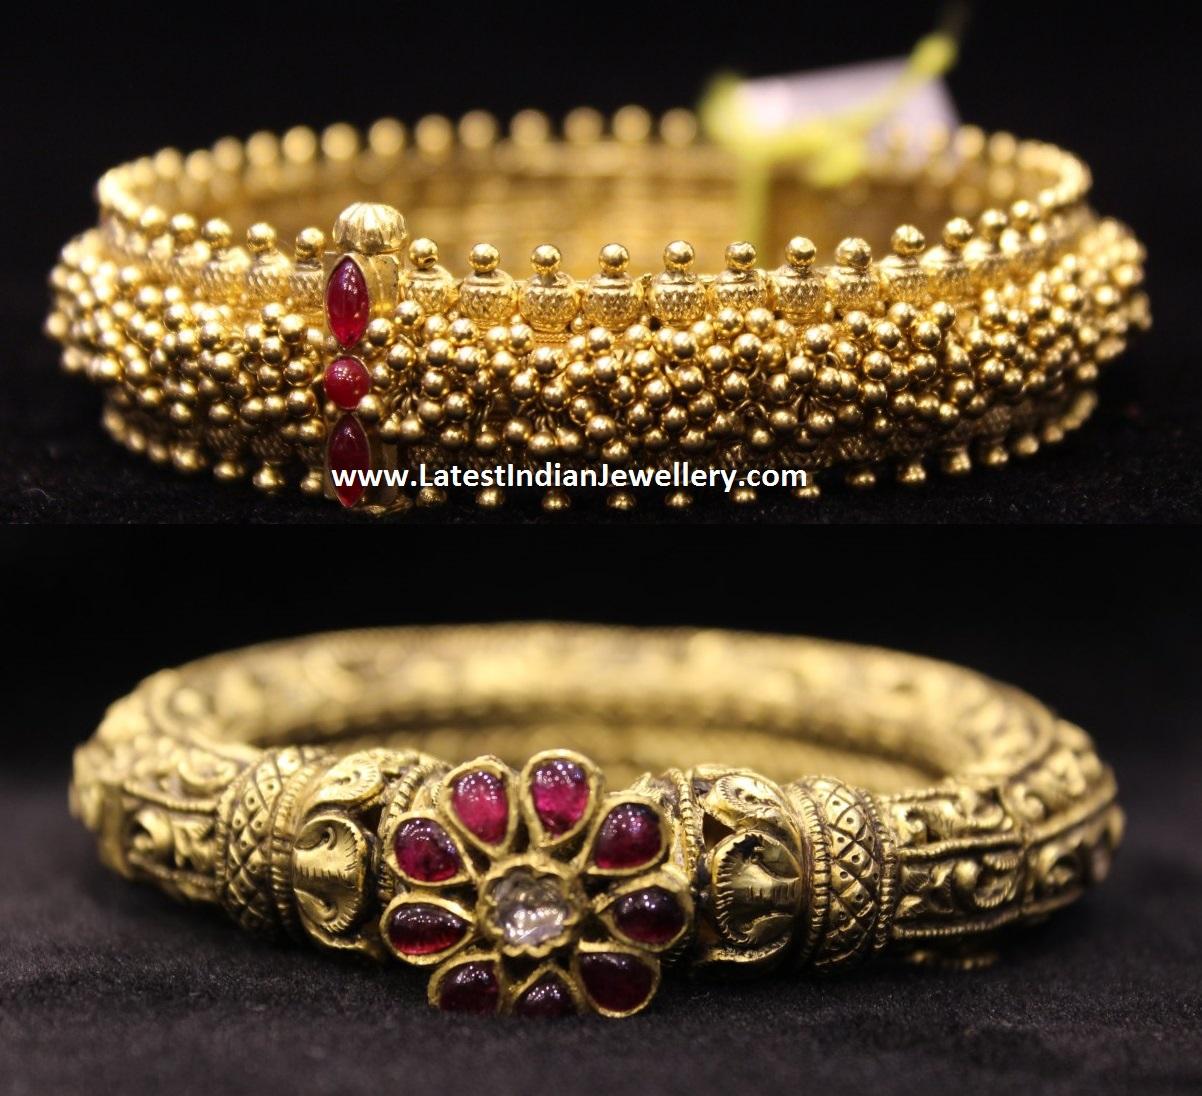 gold kankanam bangle designs. Black Bedroom Furniture Sets. Home Design Ideas